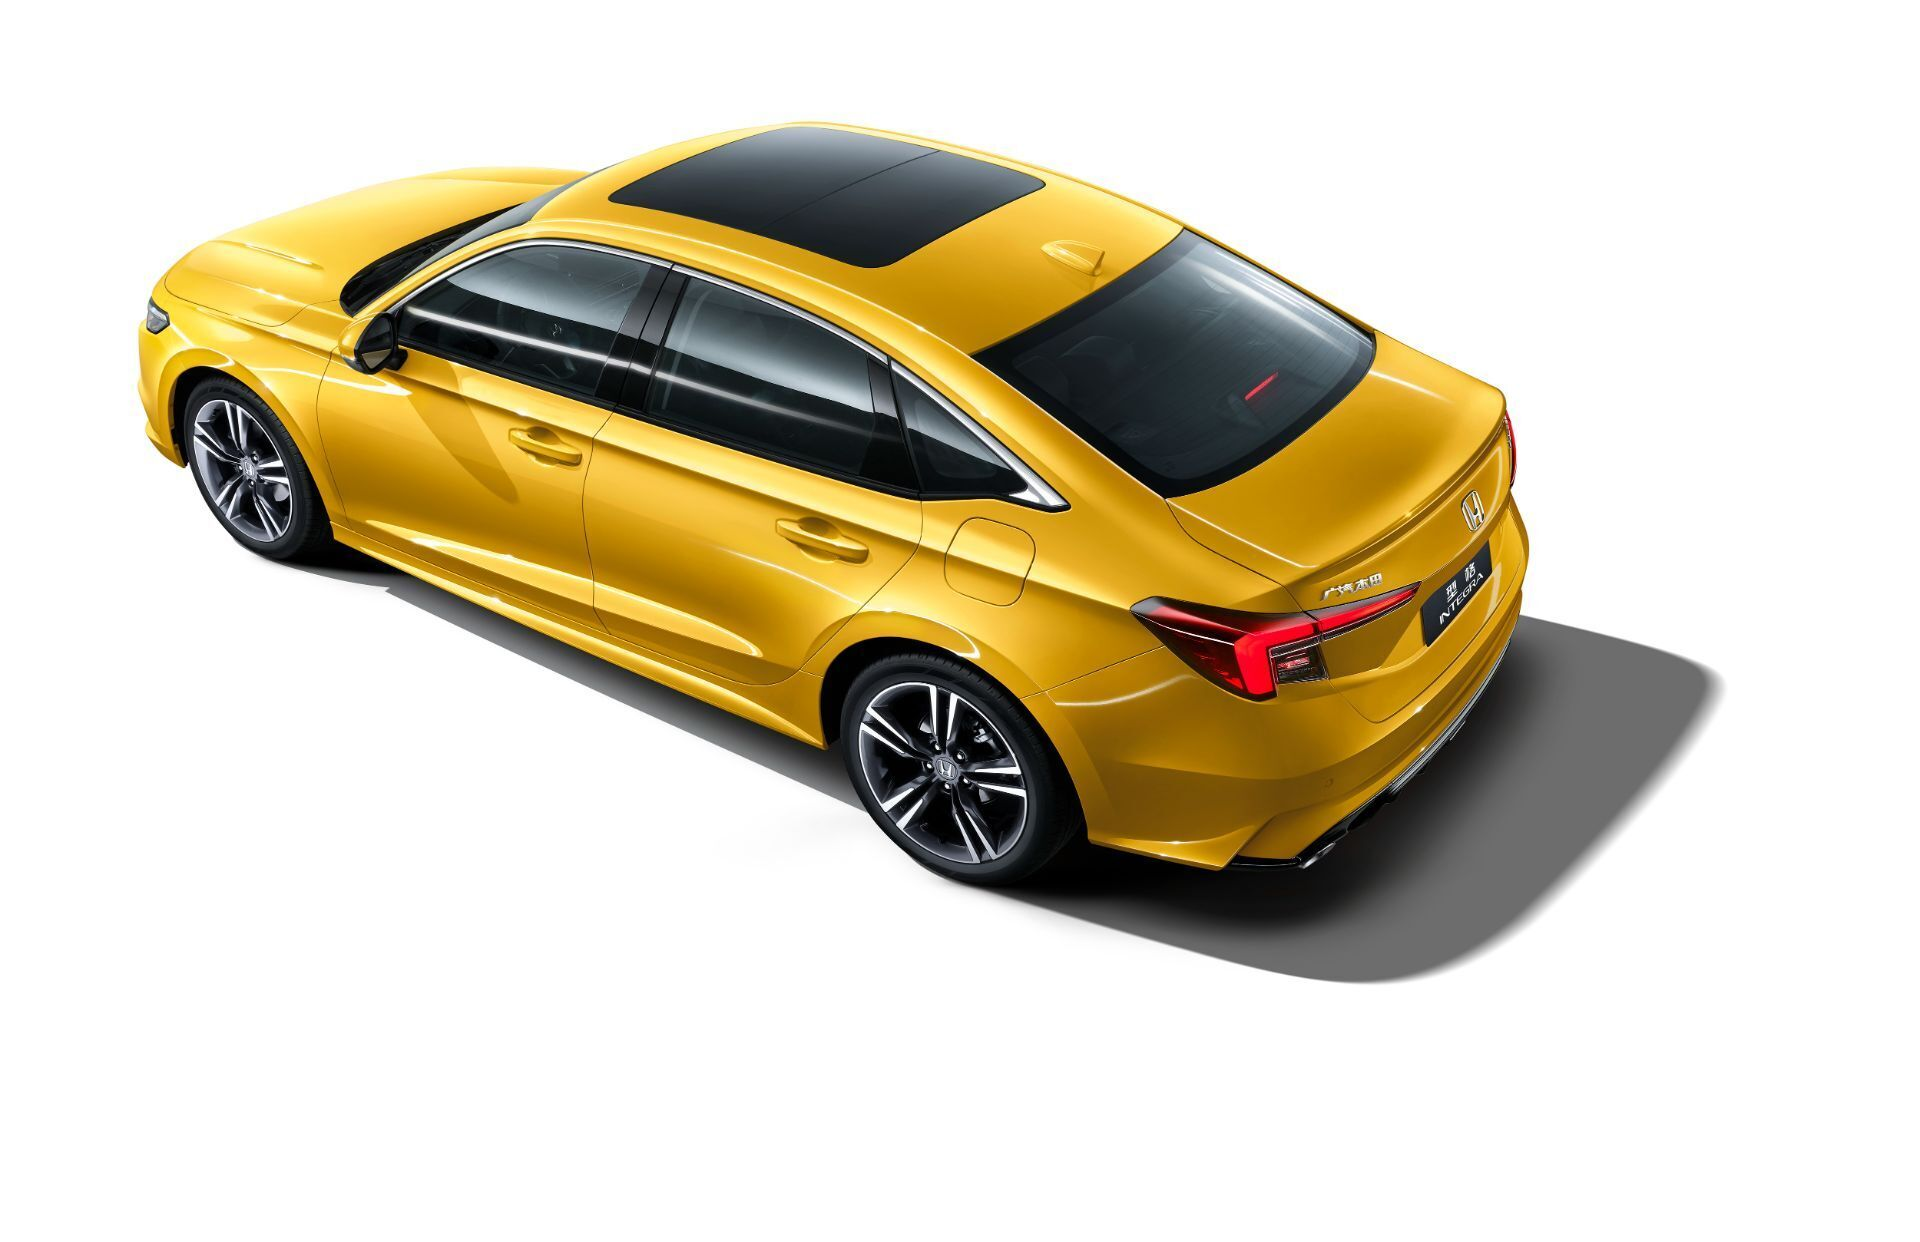 За счет иного дизайна передней части автомобиль стал длиннее на 15 мм (4689 мм)